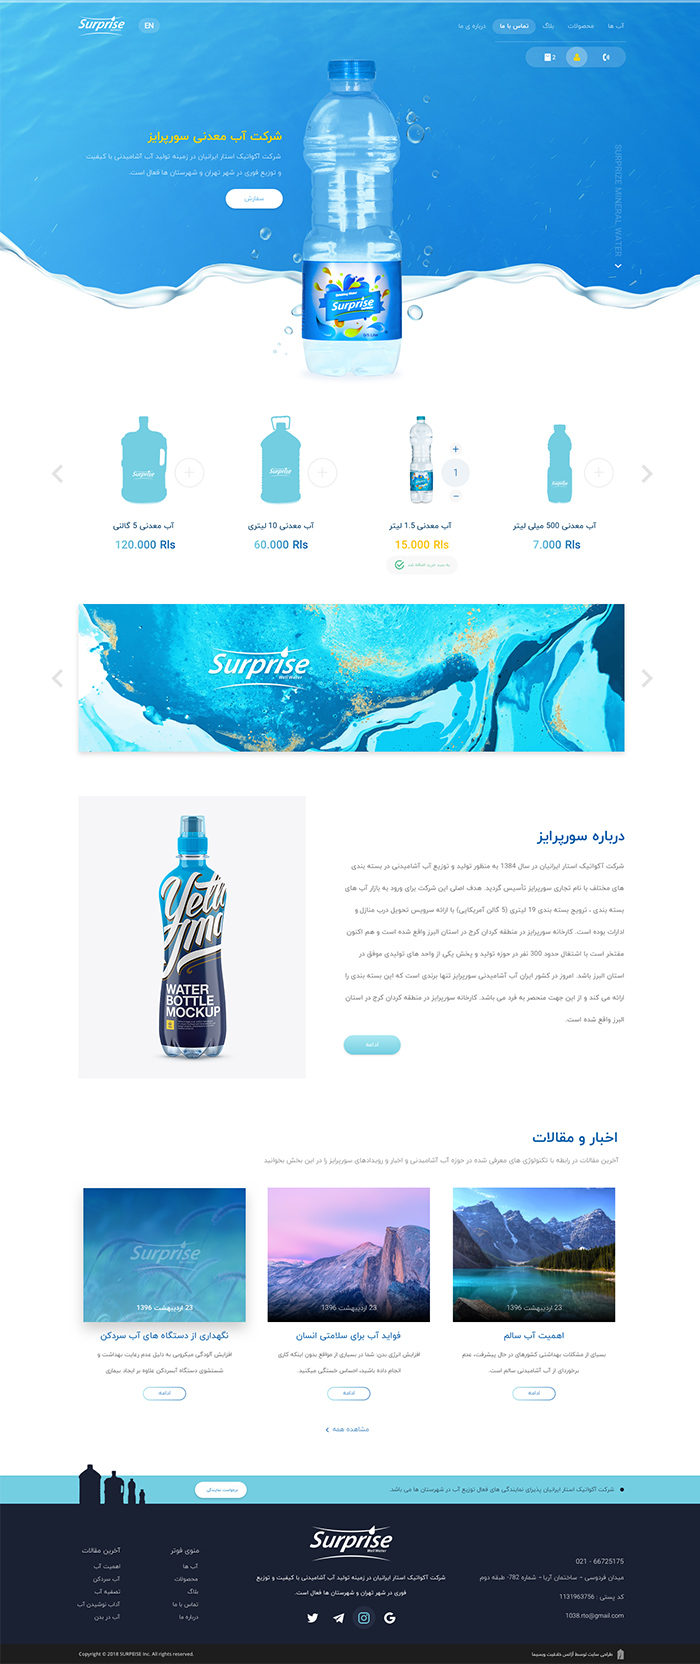 طراحی فروشگاه اینترنتی آب معدنی سورپرایز